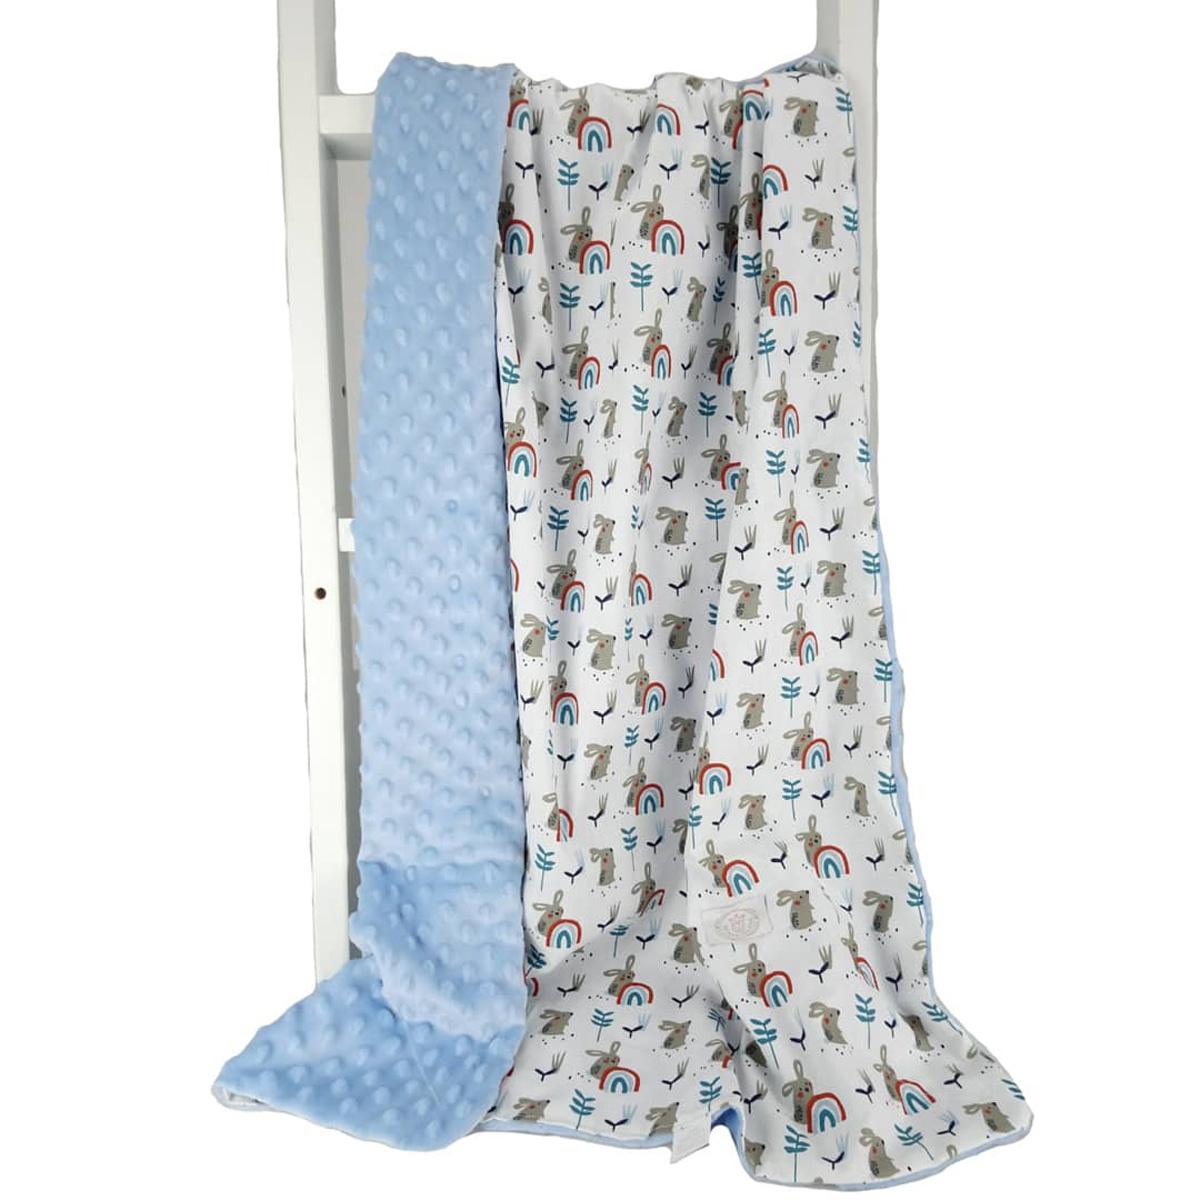 Κουβέρτα Minky Κούνιας Ninna Nanna Happy Feet